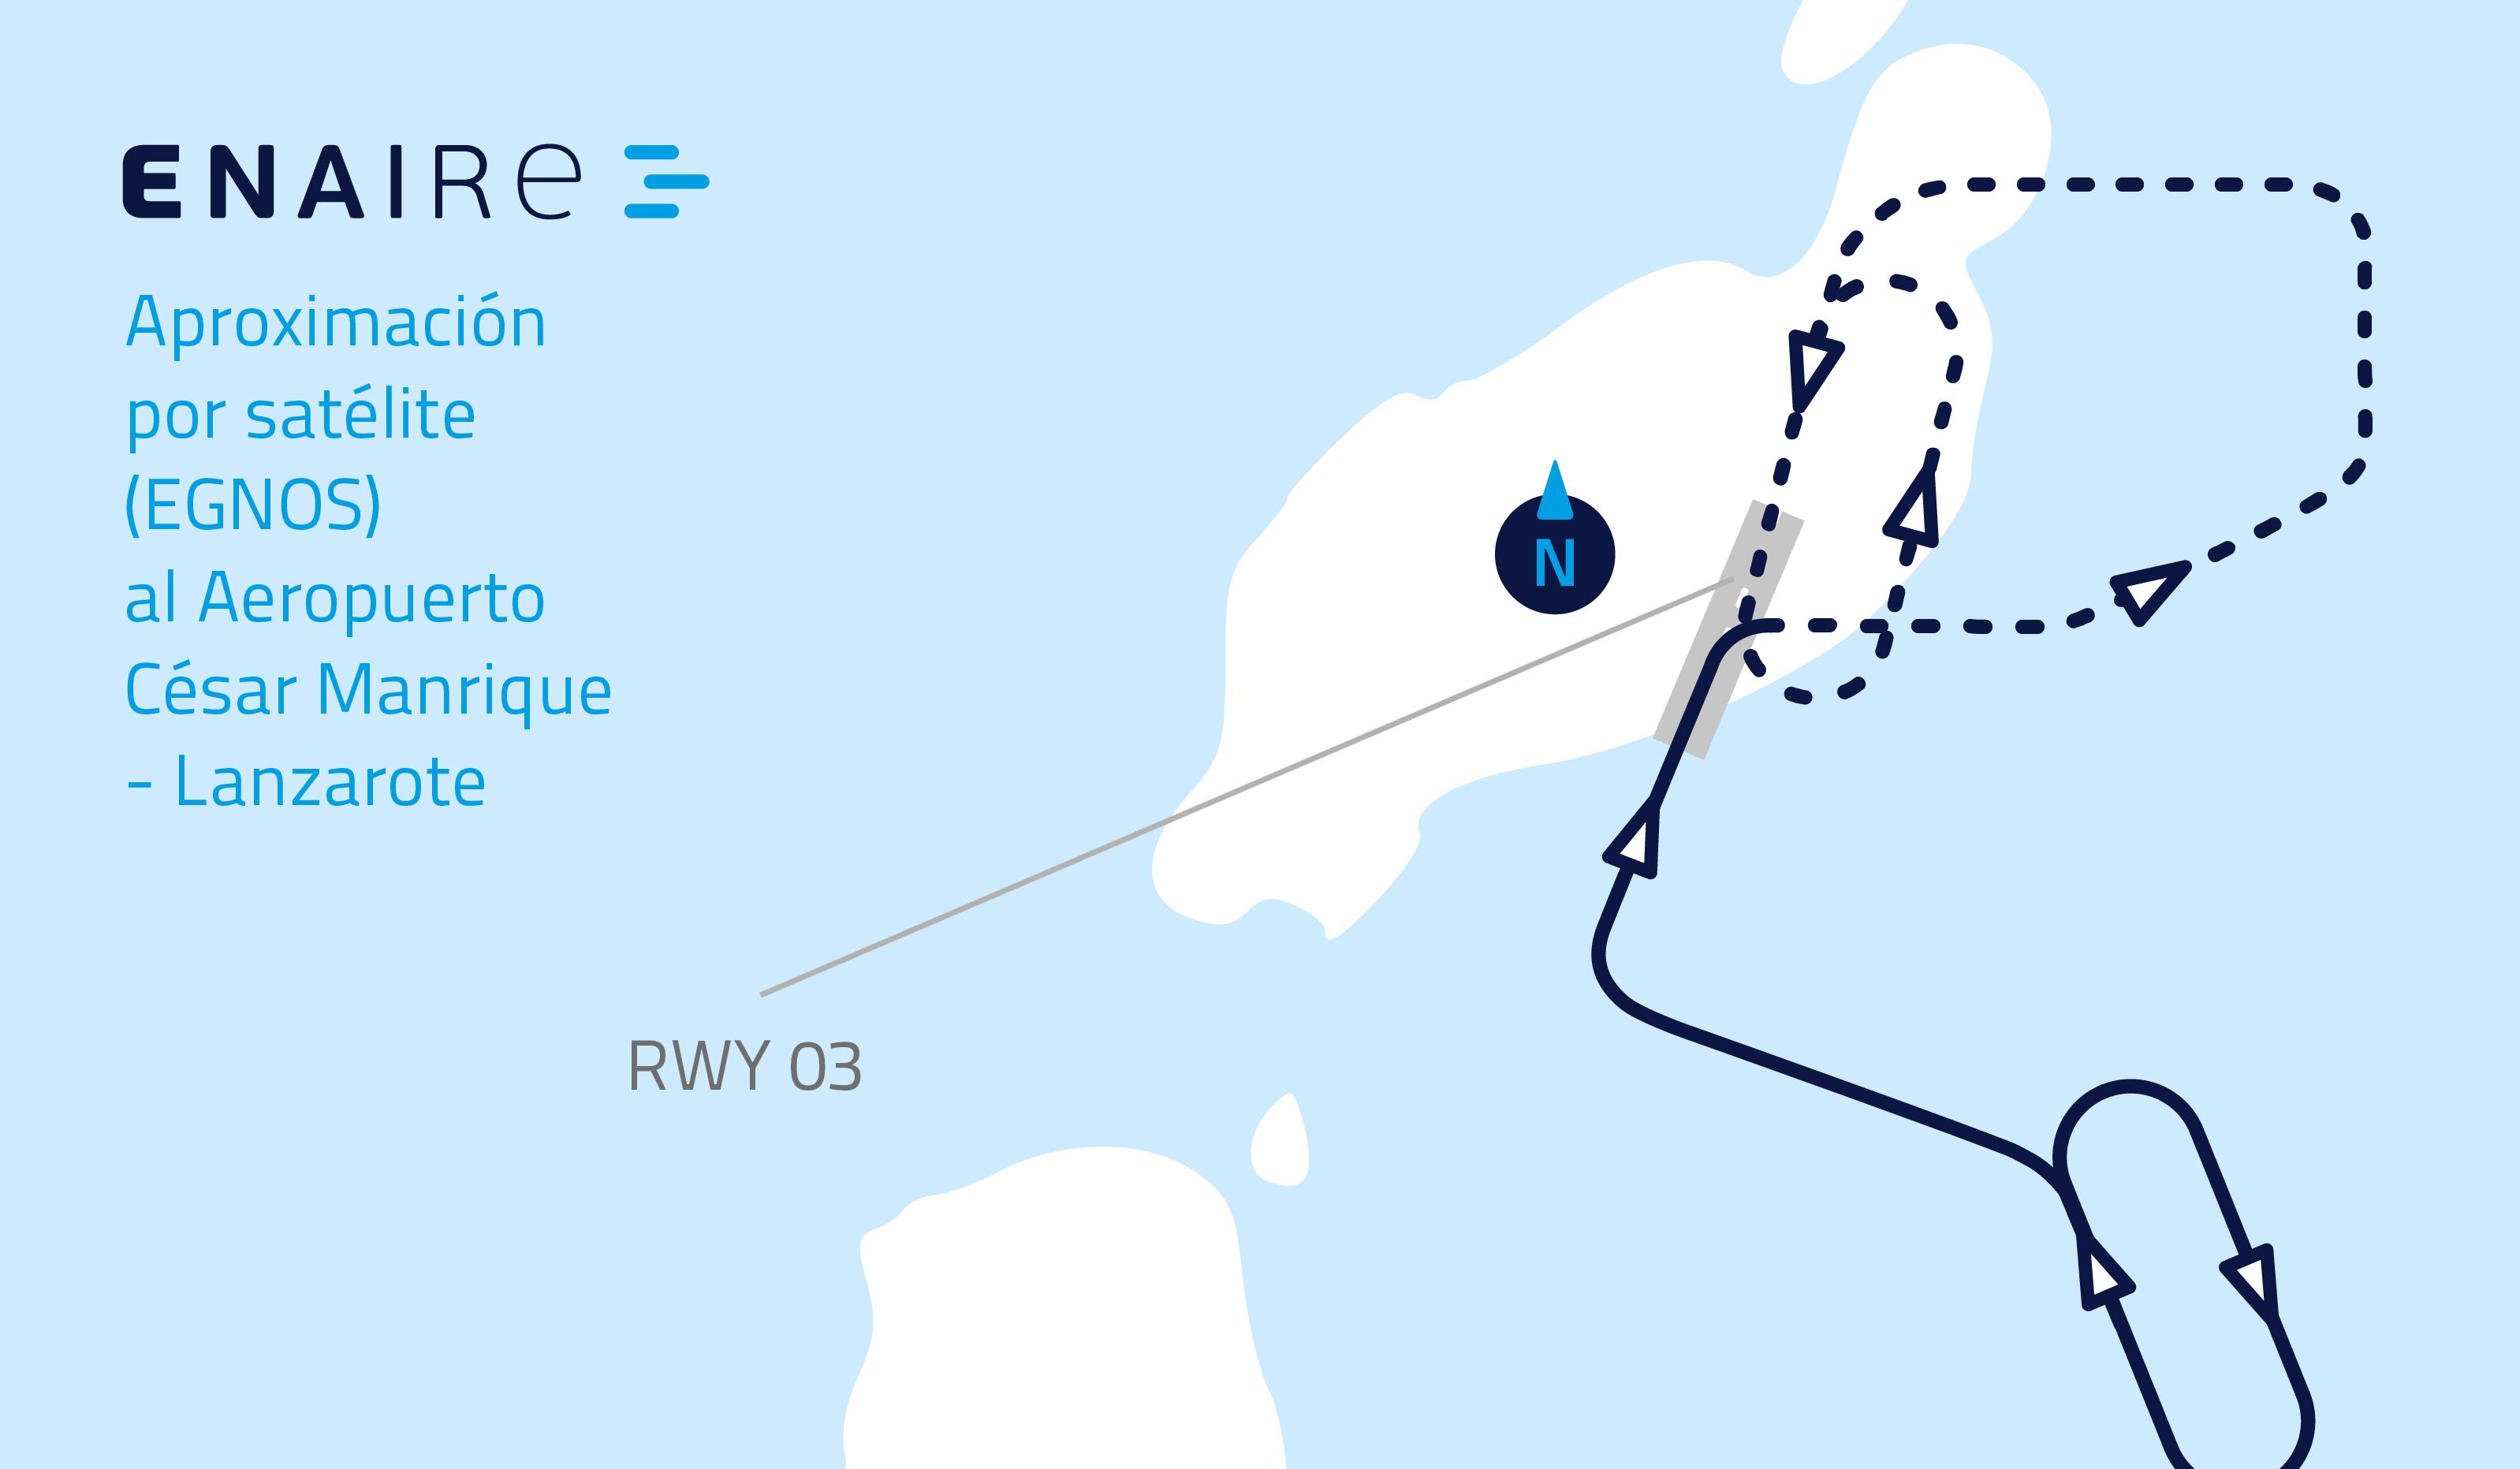 ENAIRE pone en servicio aproximaciones por satélite al aeropuerto de Lanzarote